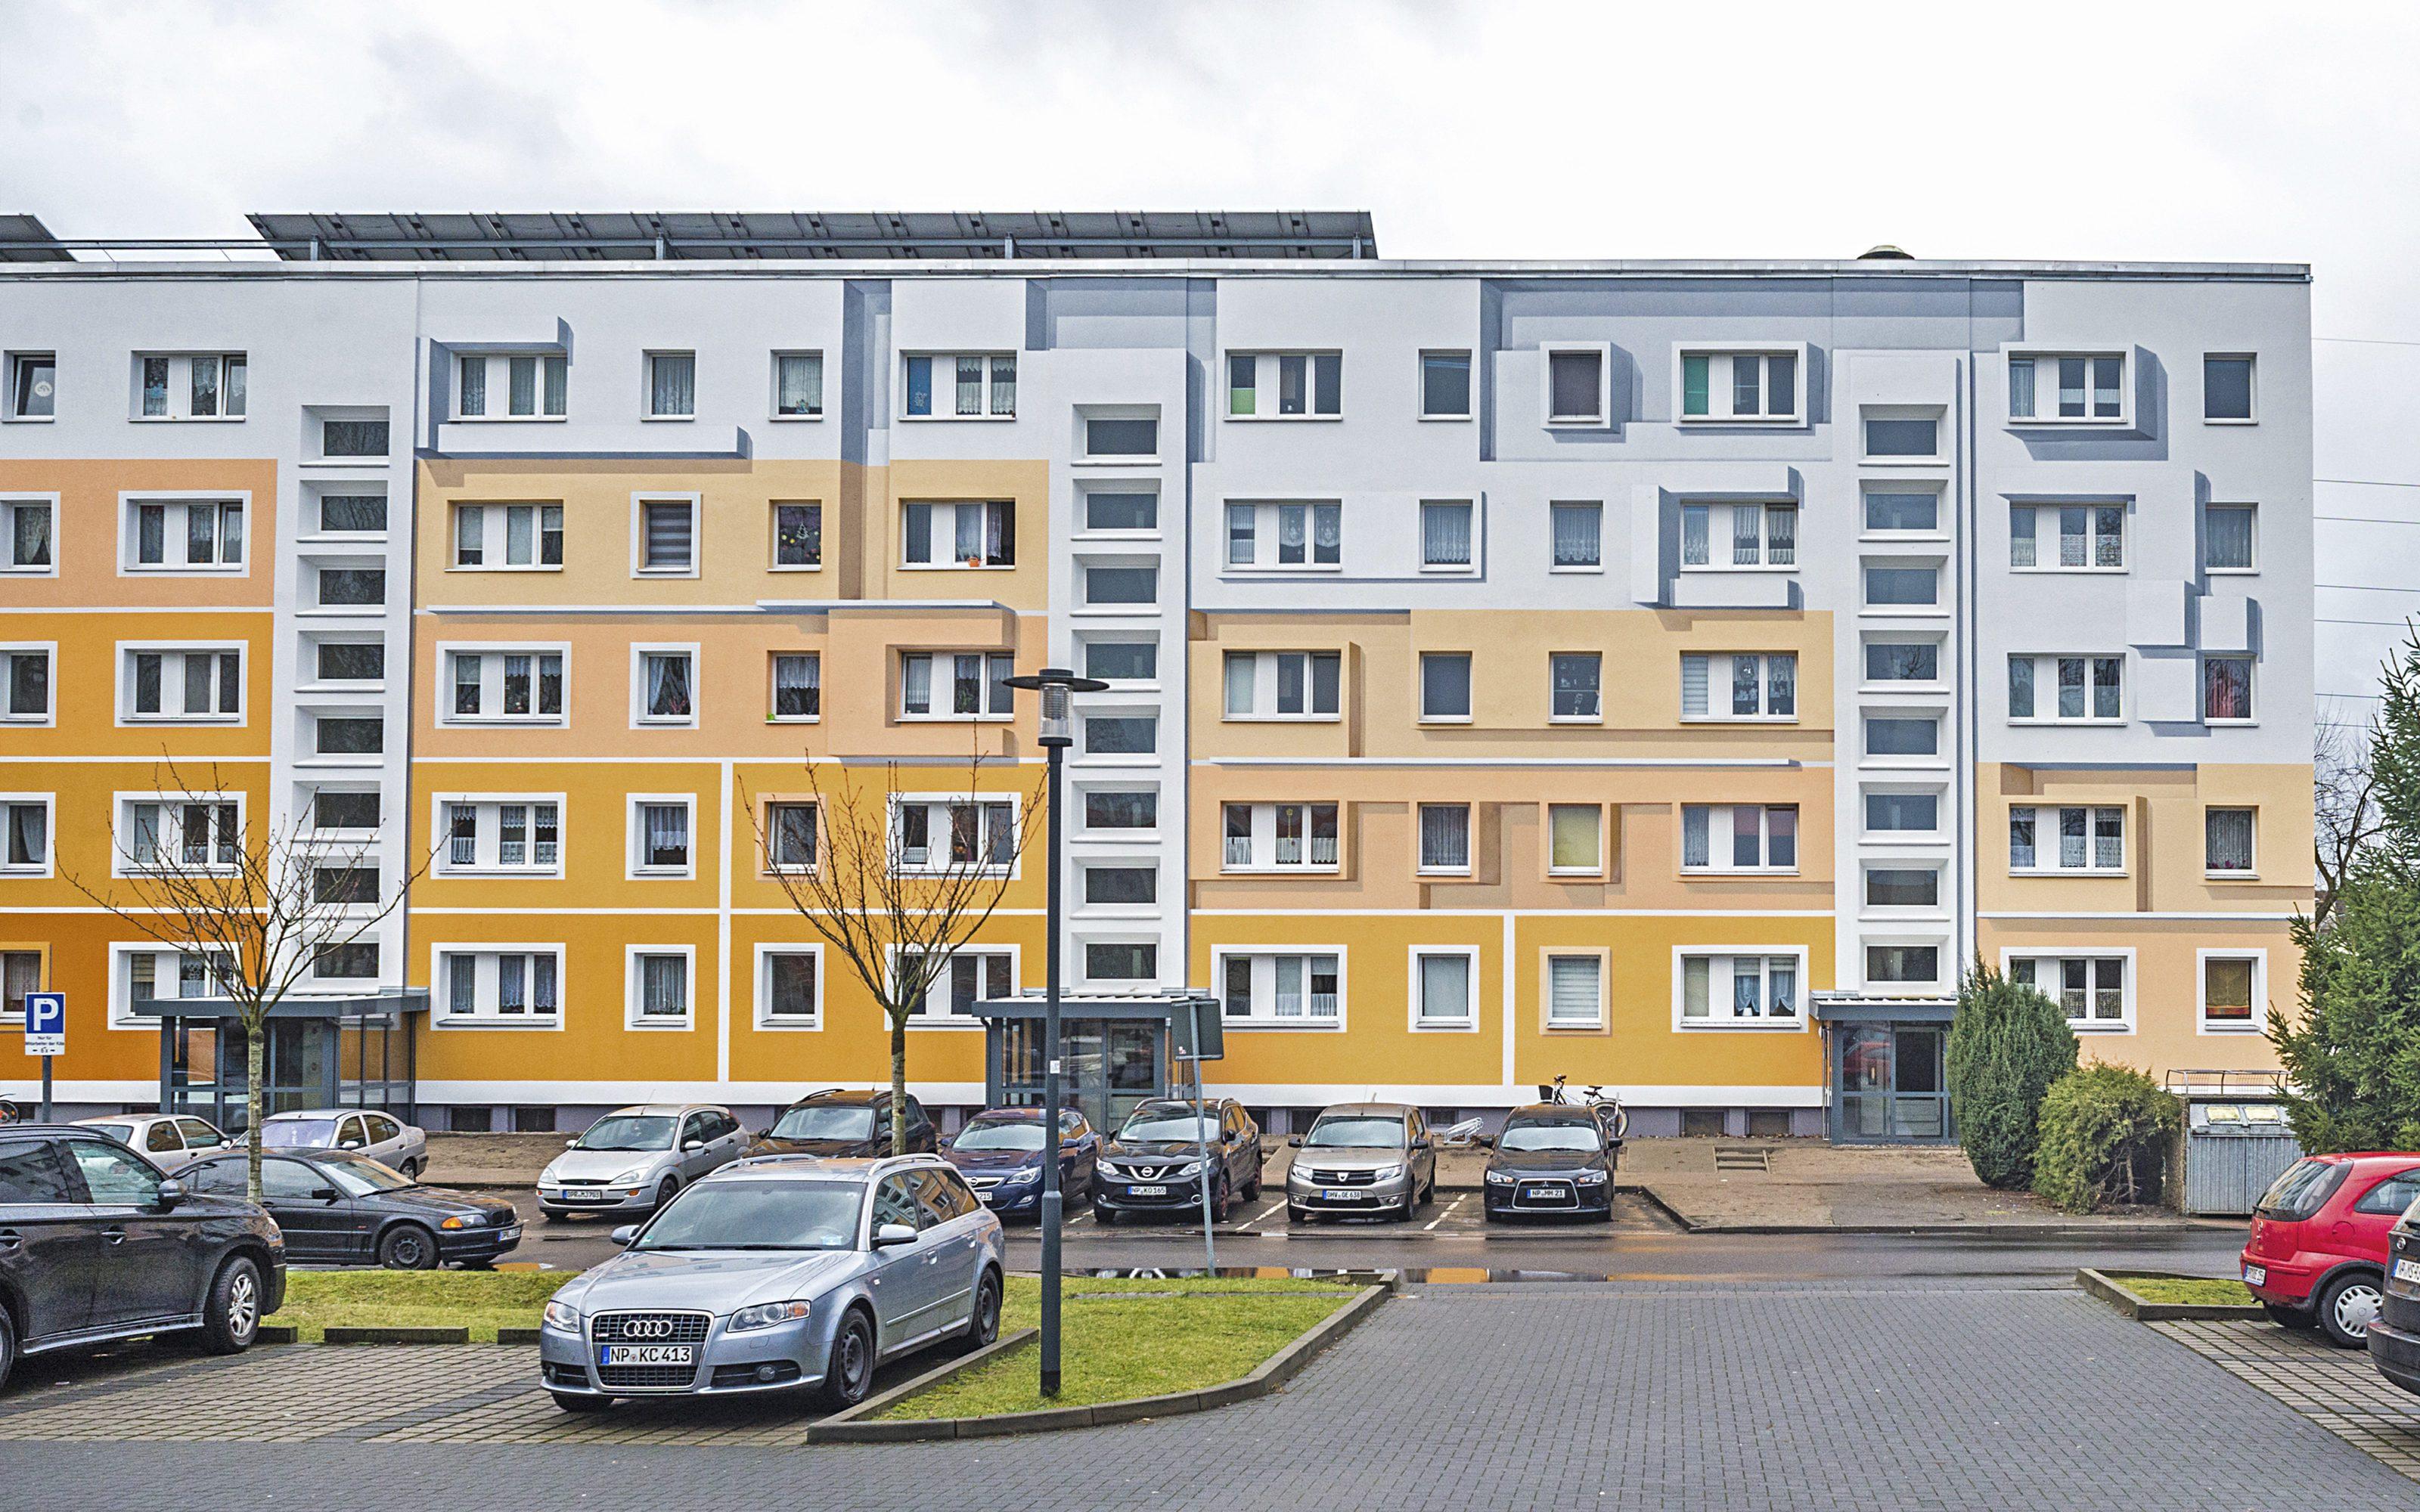 GRACO-Neuruppin-Fassadengestaltung-Gesamtansicht